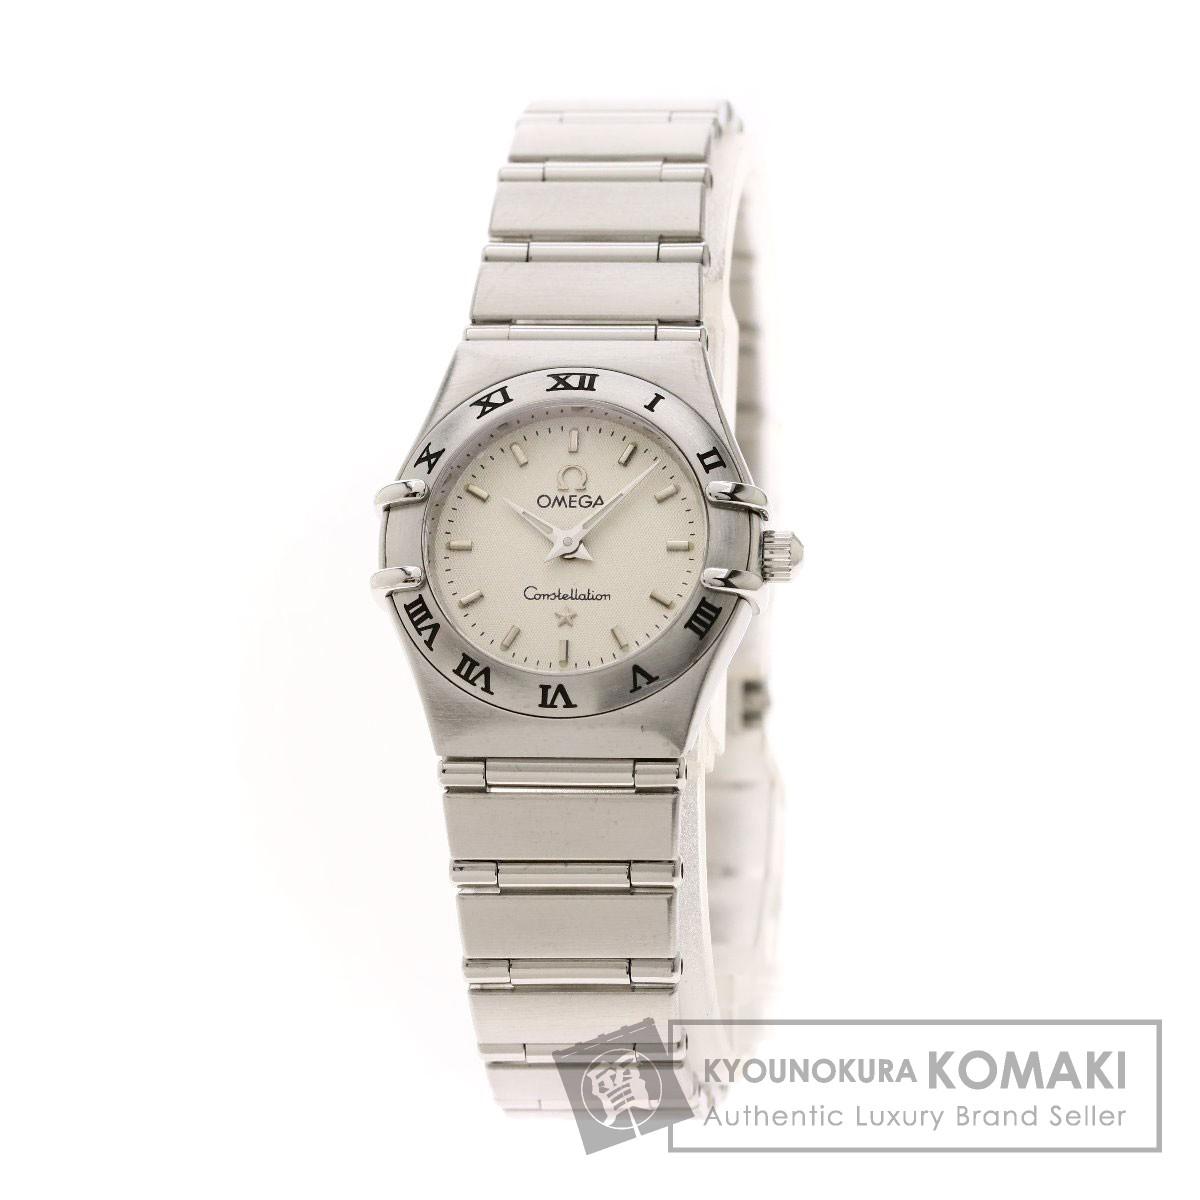 オメガ 1562.30 コンステレーション 腕時計 ステンレススチール/SS レディース 【中古】【OMEGA】